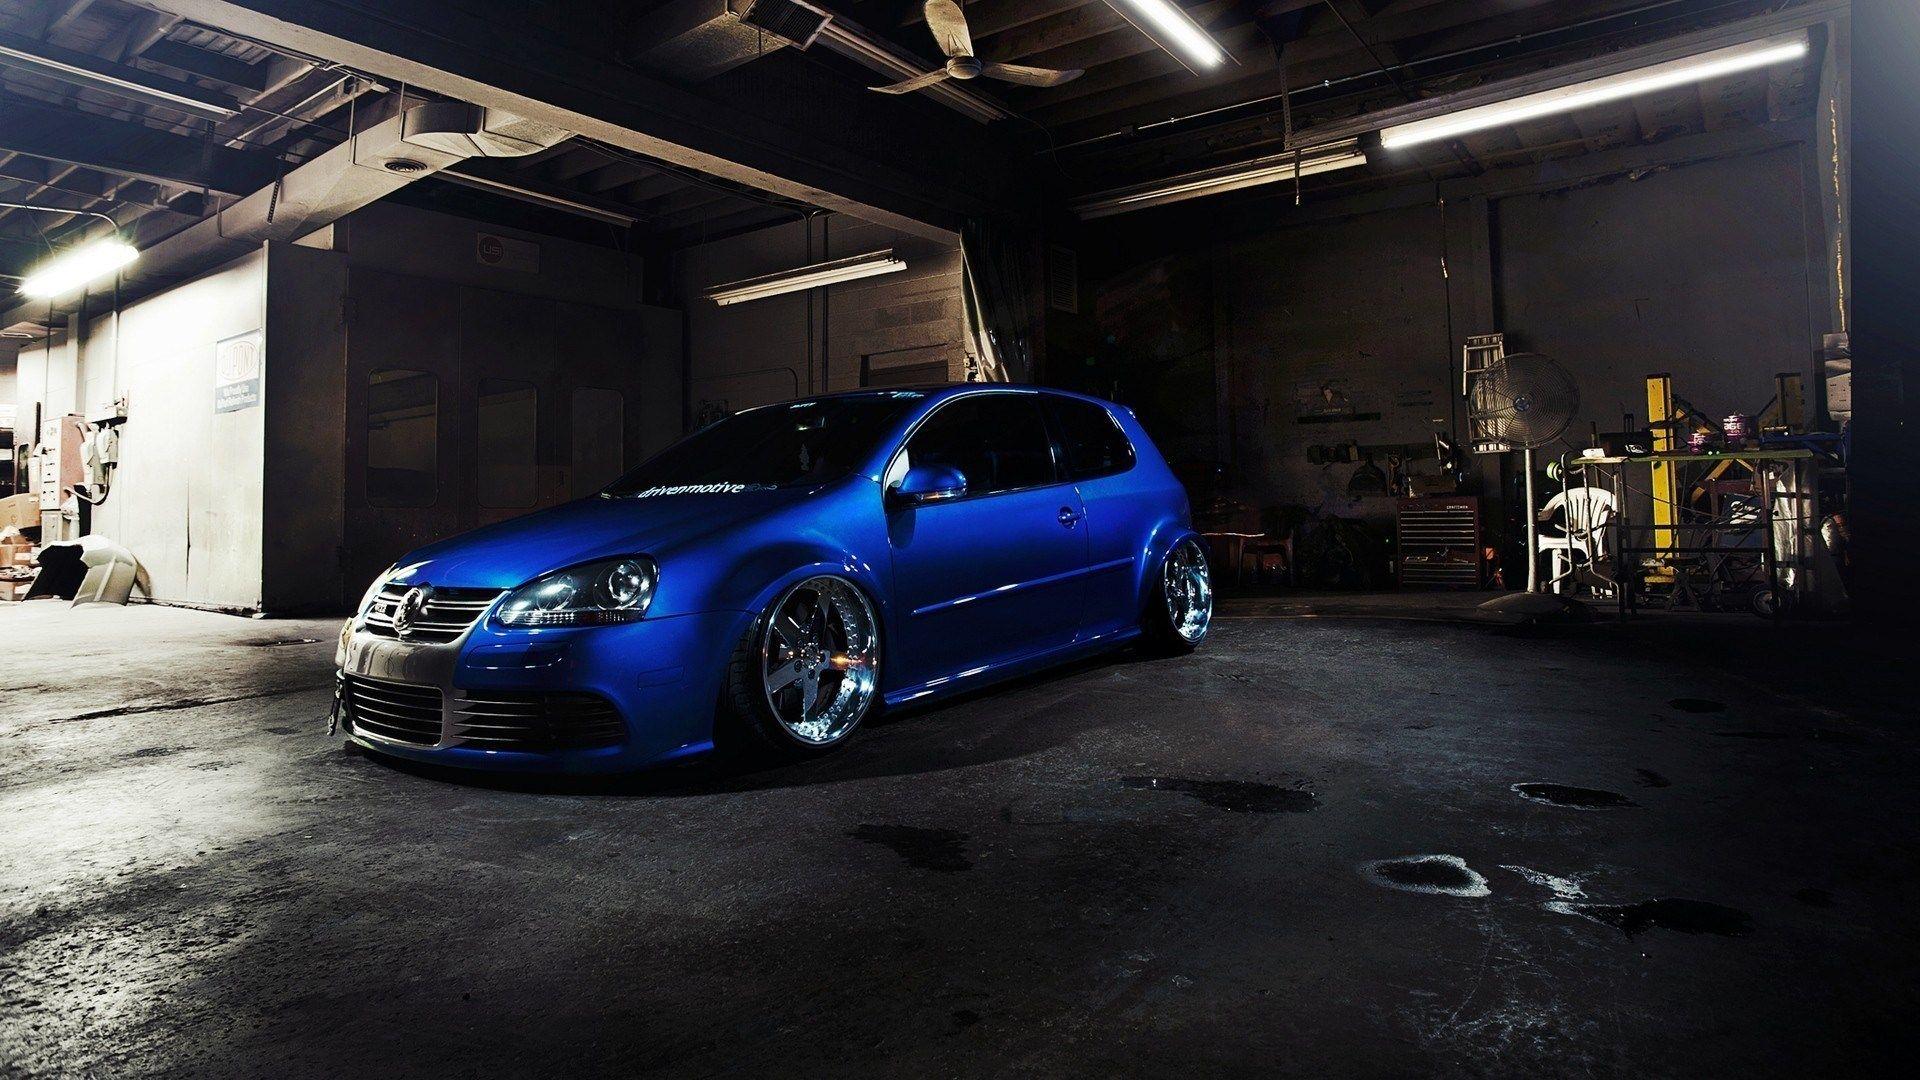 Volkswagen Golf R32 Car Wheels Tuning HD Wallpaper